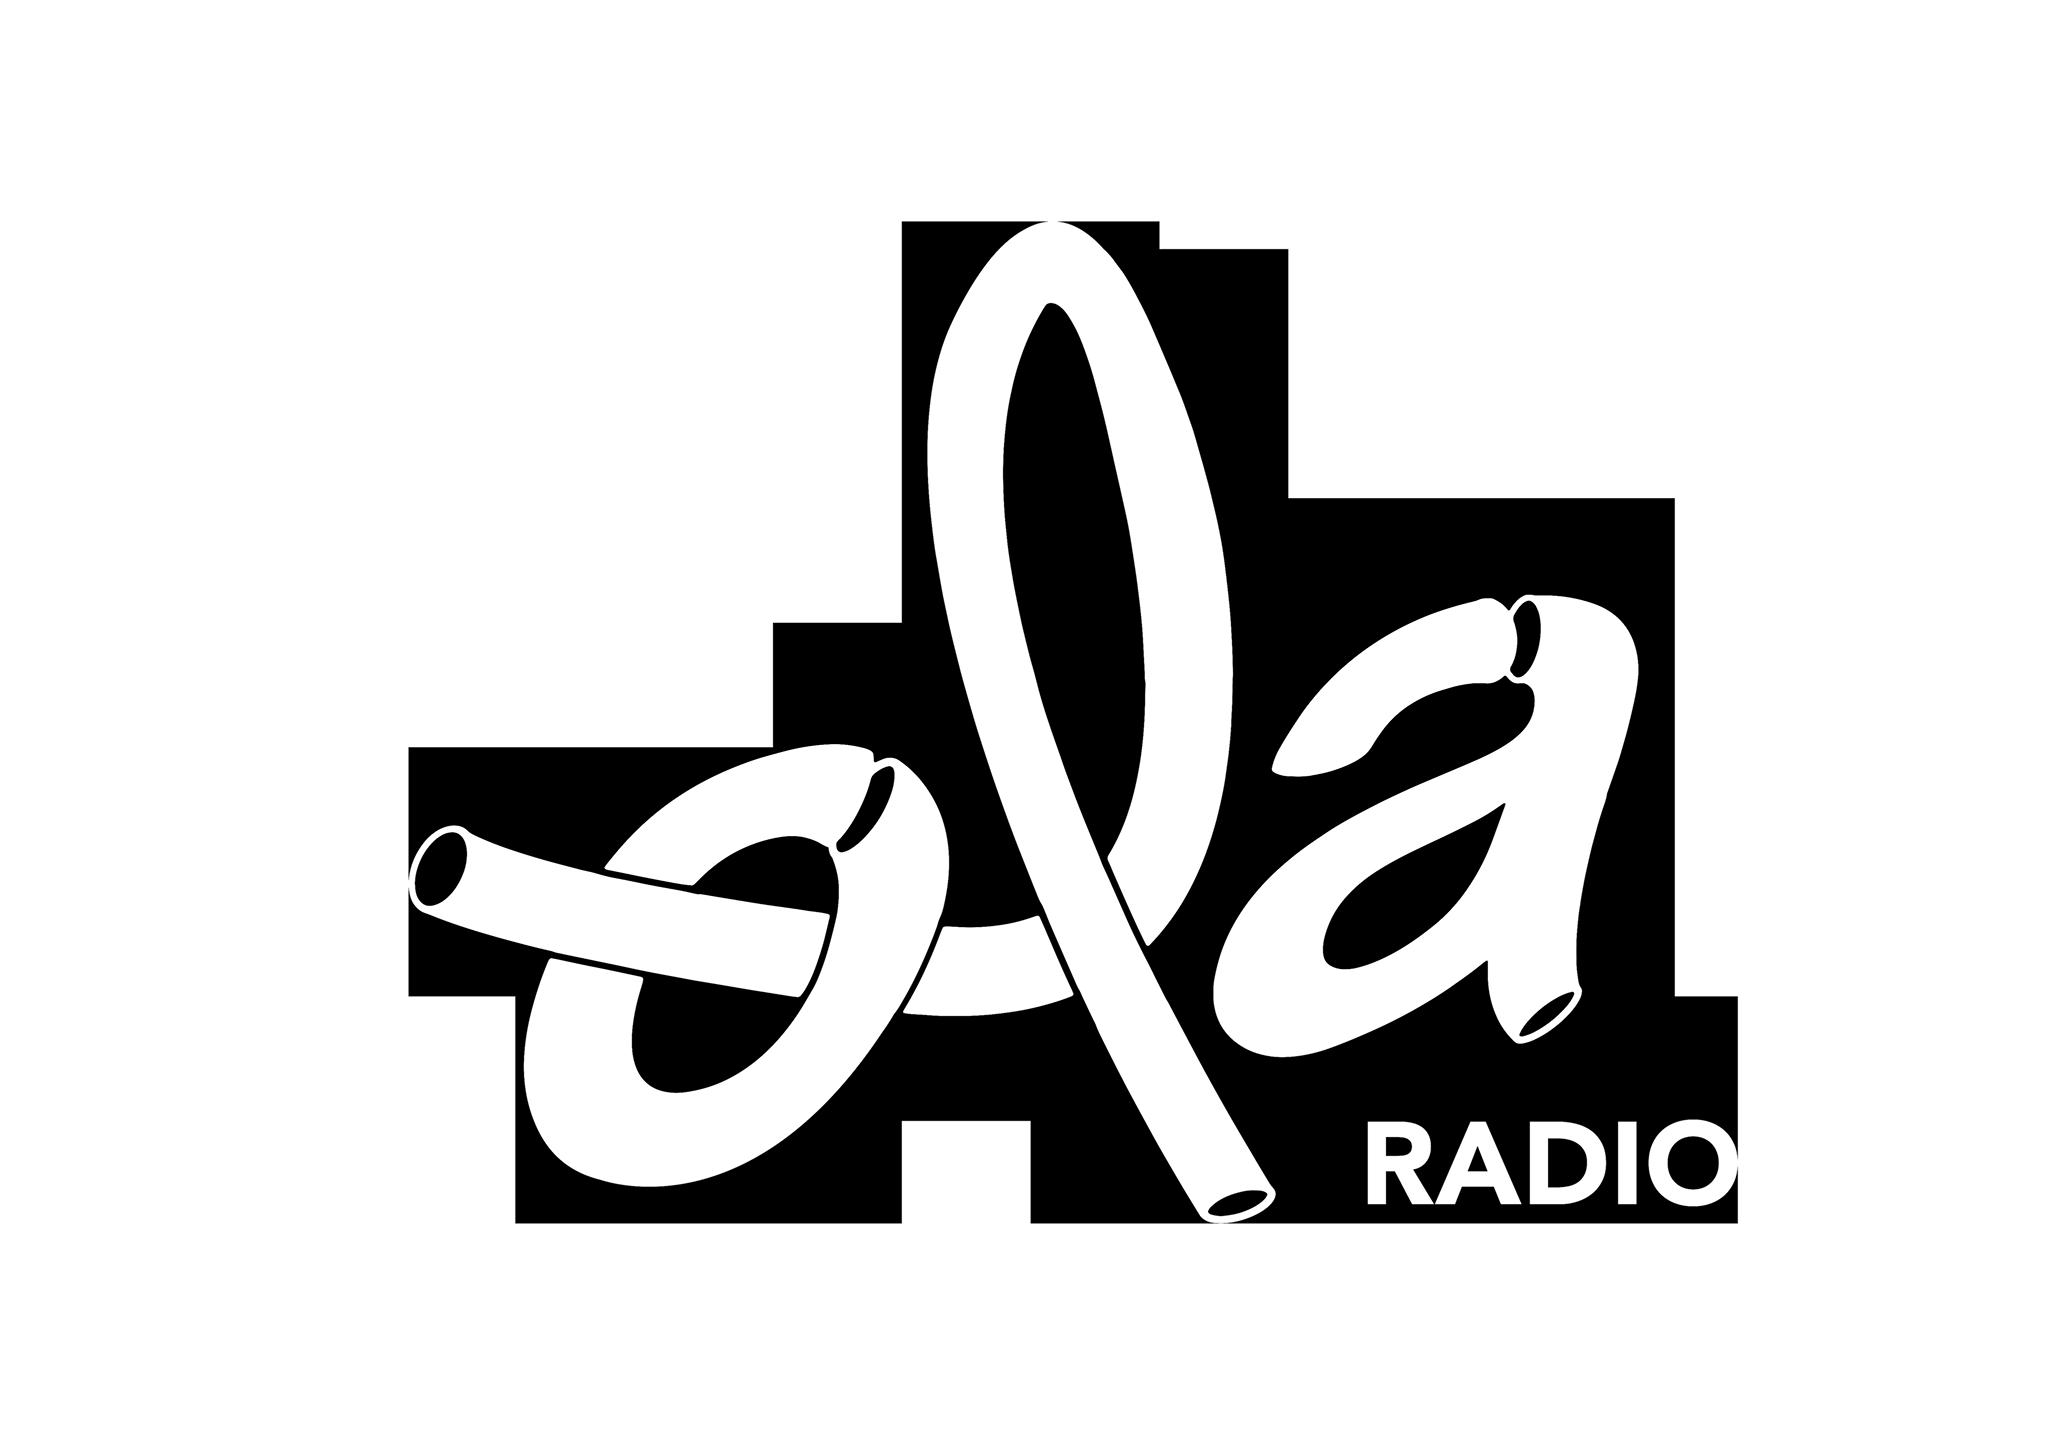 Ola Radio logo